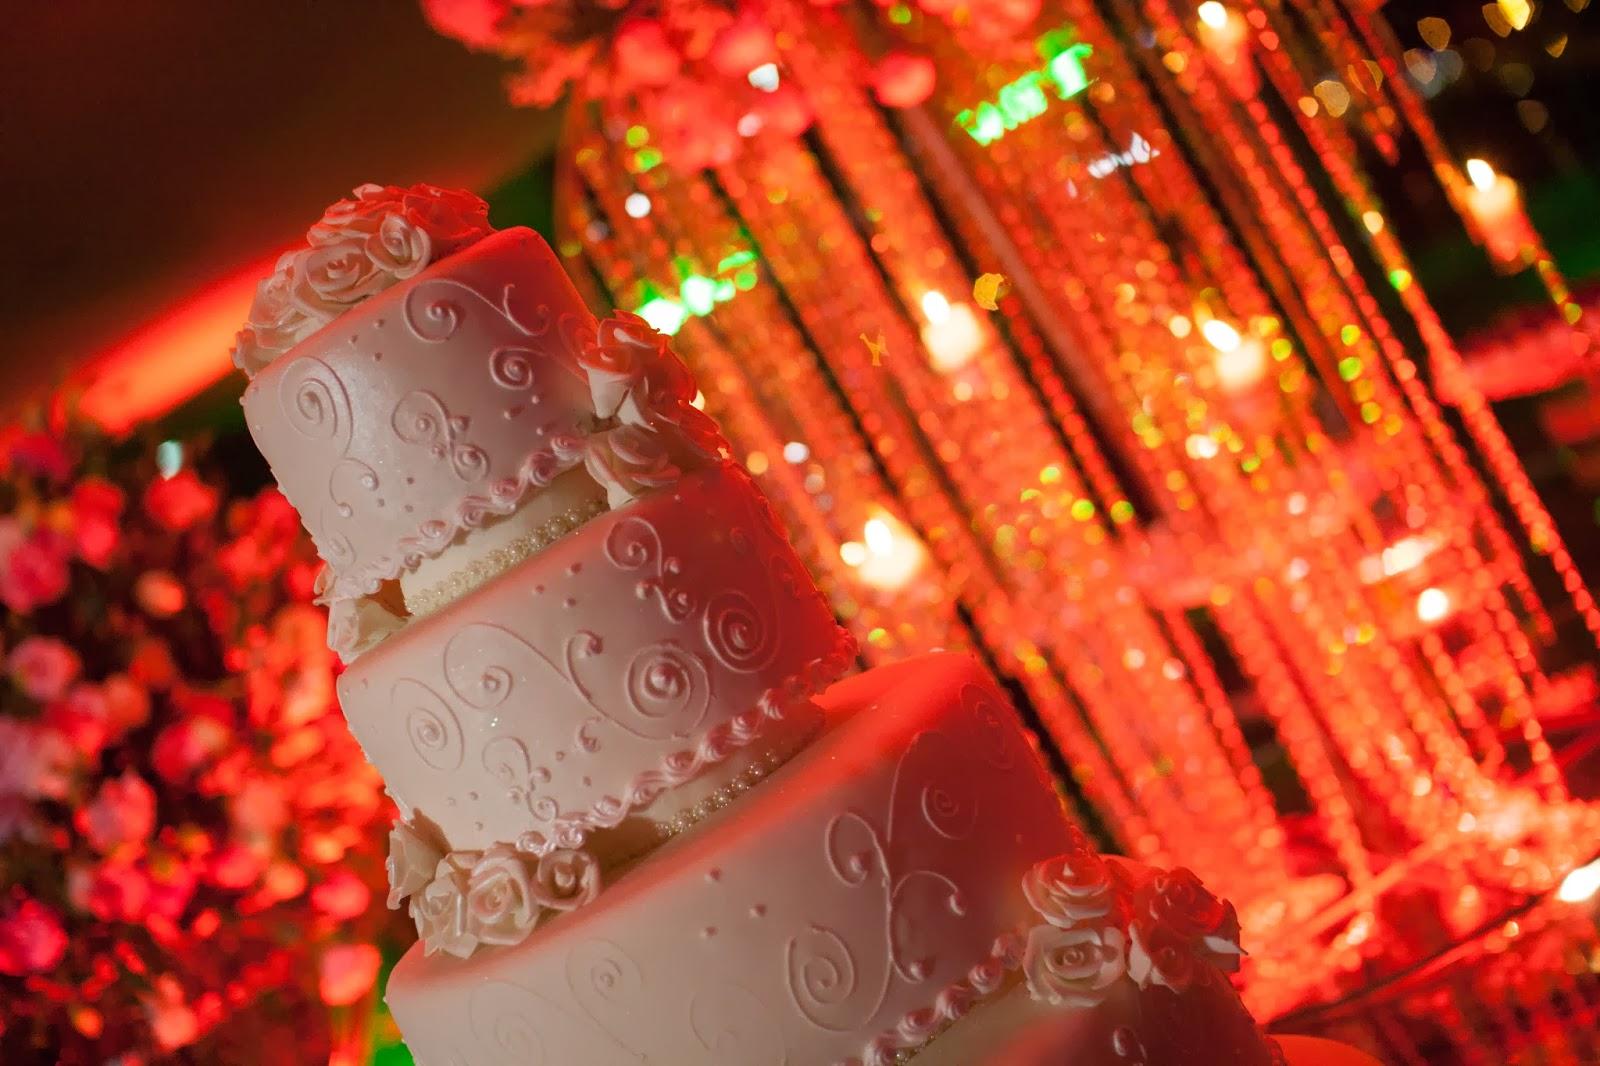 historia-amor-fe-festa-decoracao-bolo